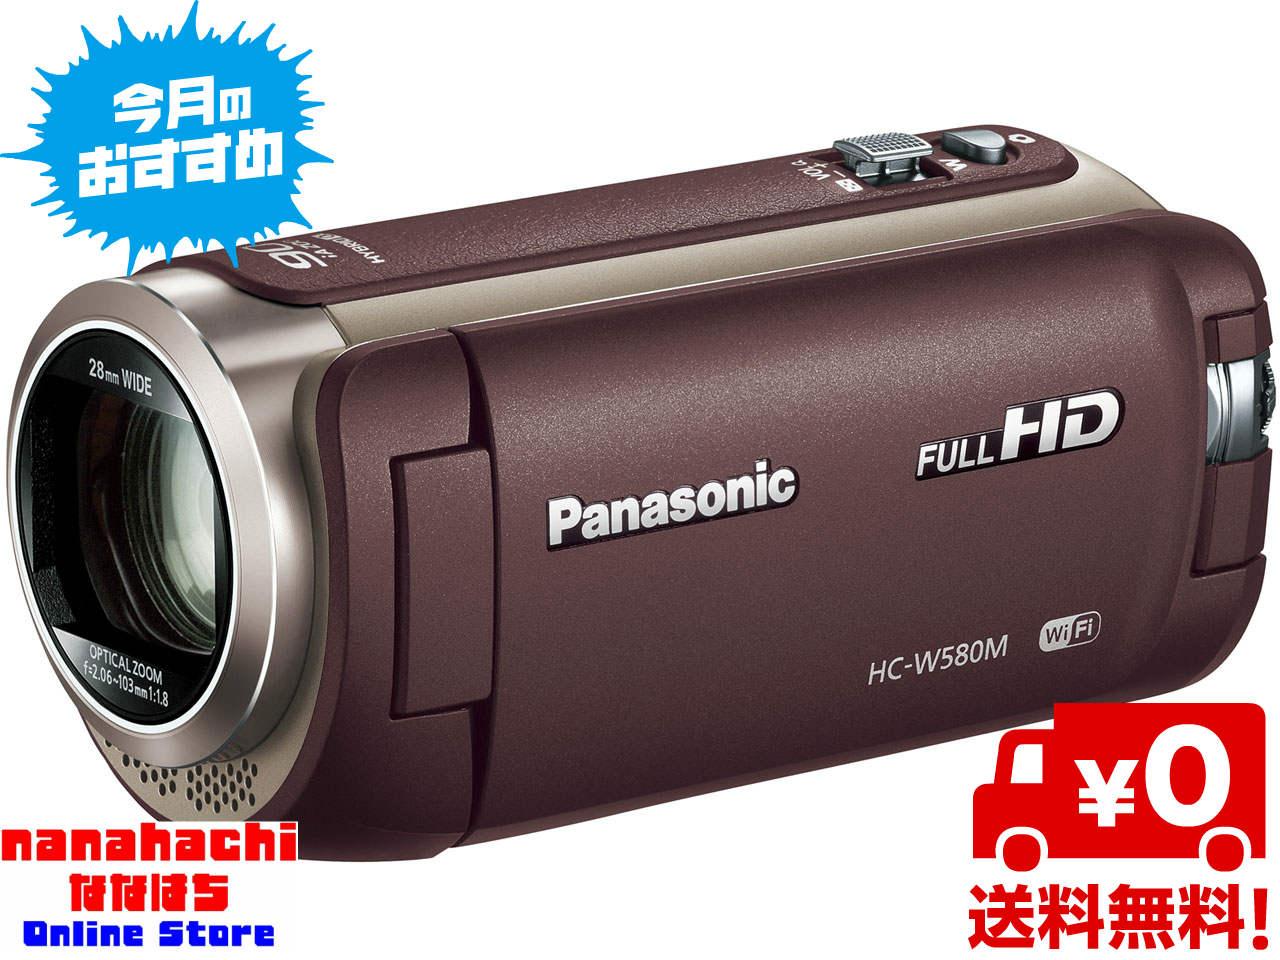 【あす楽対応】Panasonic HC-W580M-T[ブラウン] パナソニック デジタルビデオカメラHC-W580M-T■光学50倍ズームに対応したフルハイビジョンビデオカメラ■2つのシーンを記録しながら、楽しい撮影が可能【送料無料】【コンビニ受取対応】